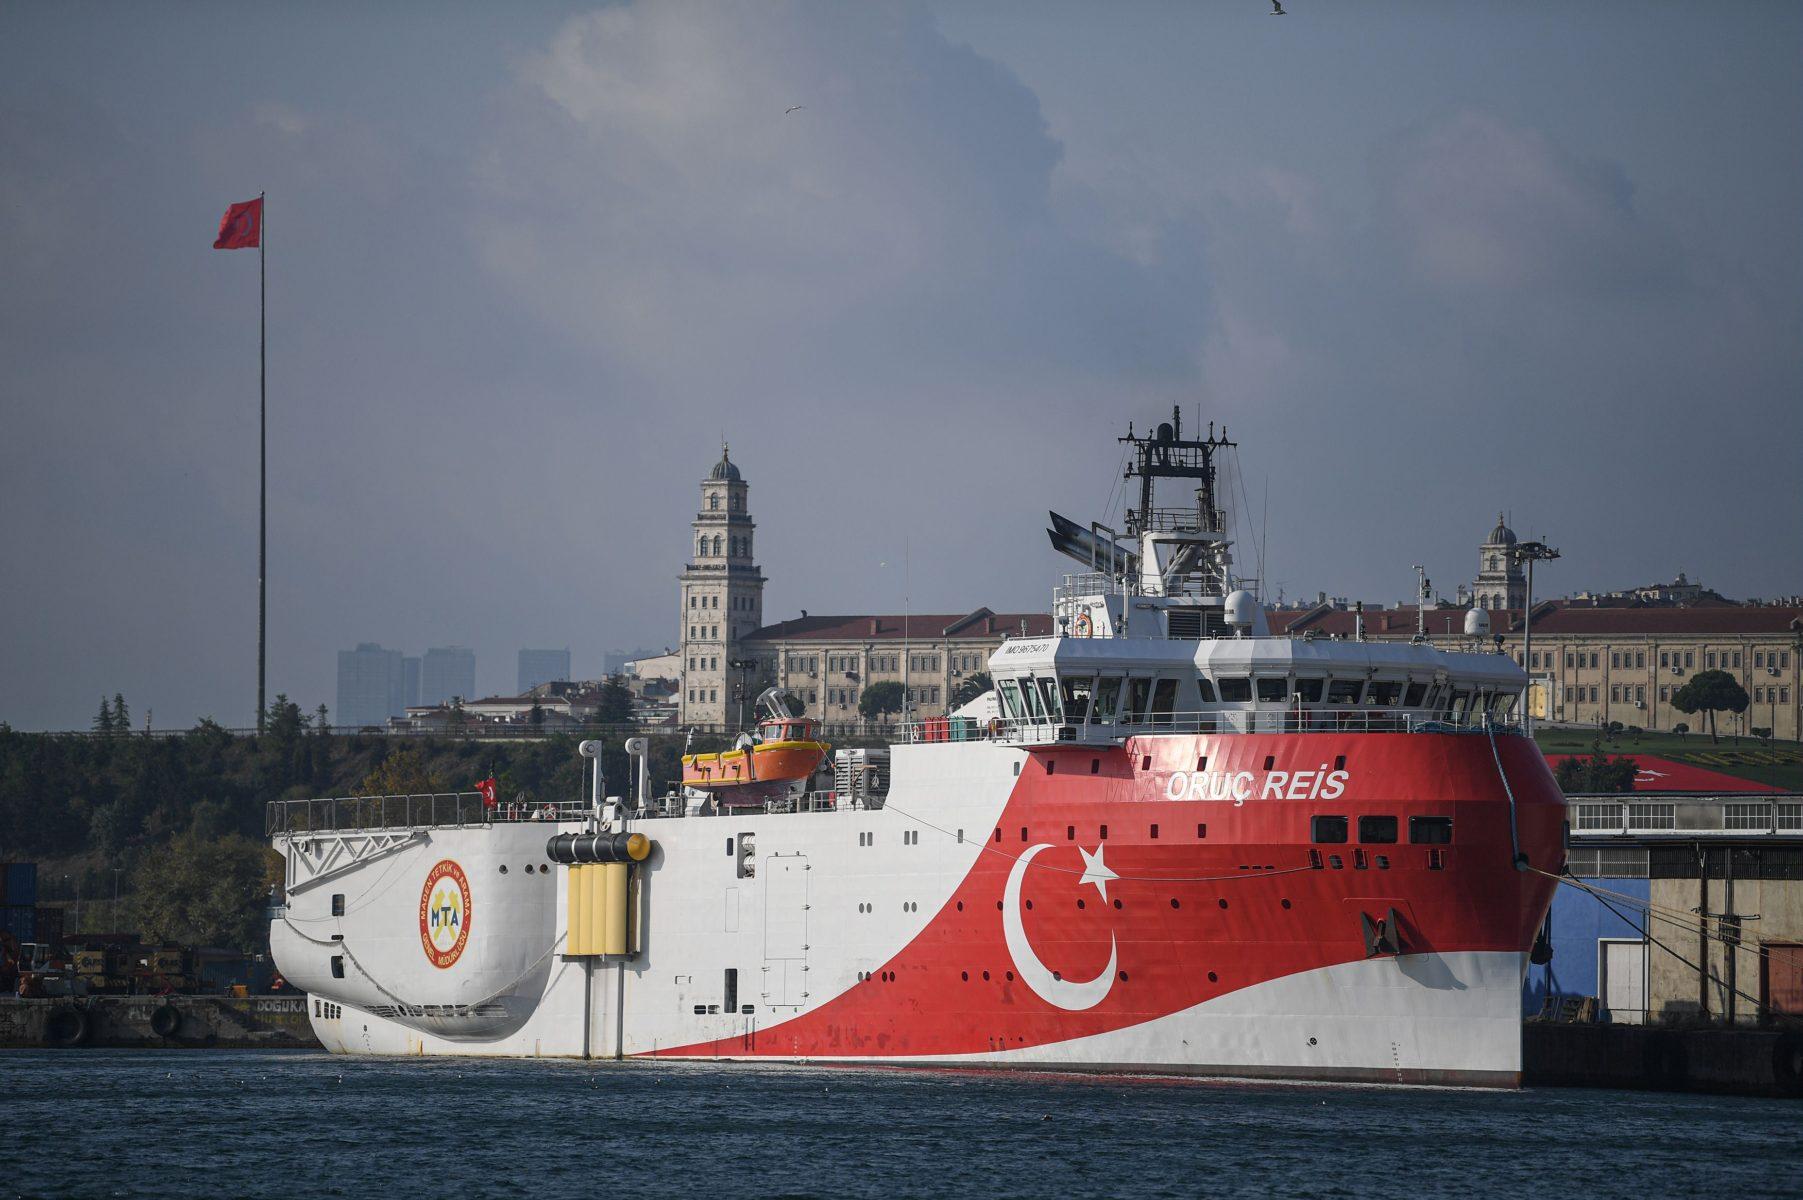 Turkki käyttää merentutkimusalustaan poliittisissa operaatioissa. Tässä alus on Istanbulissa elokuussa 2019.